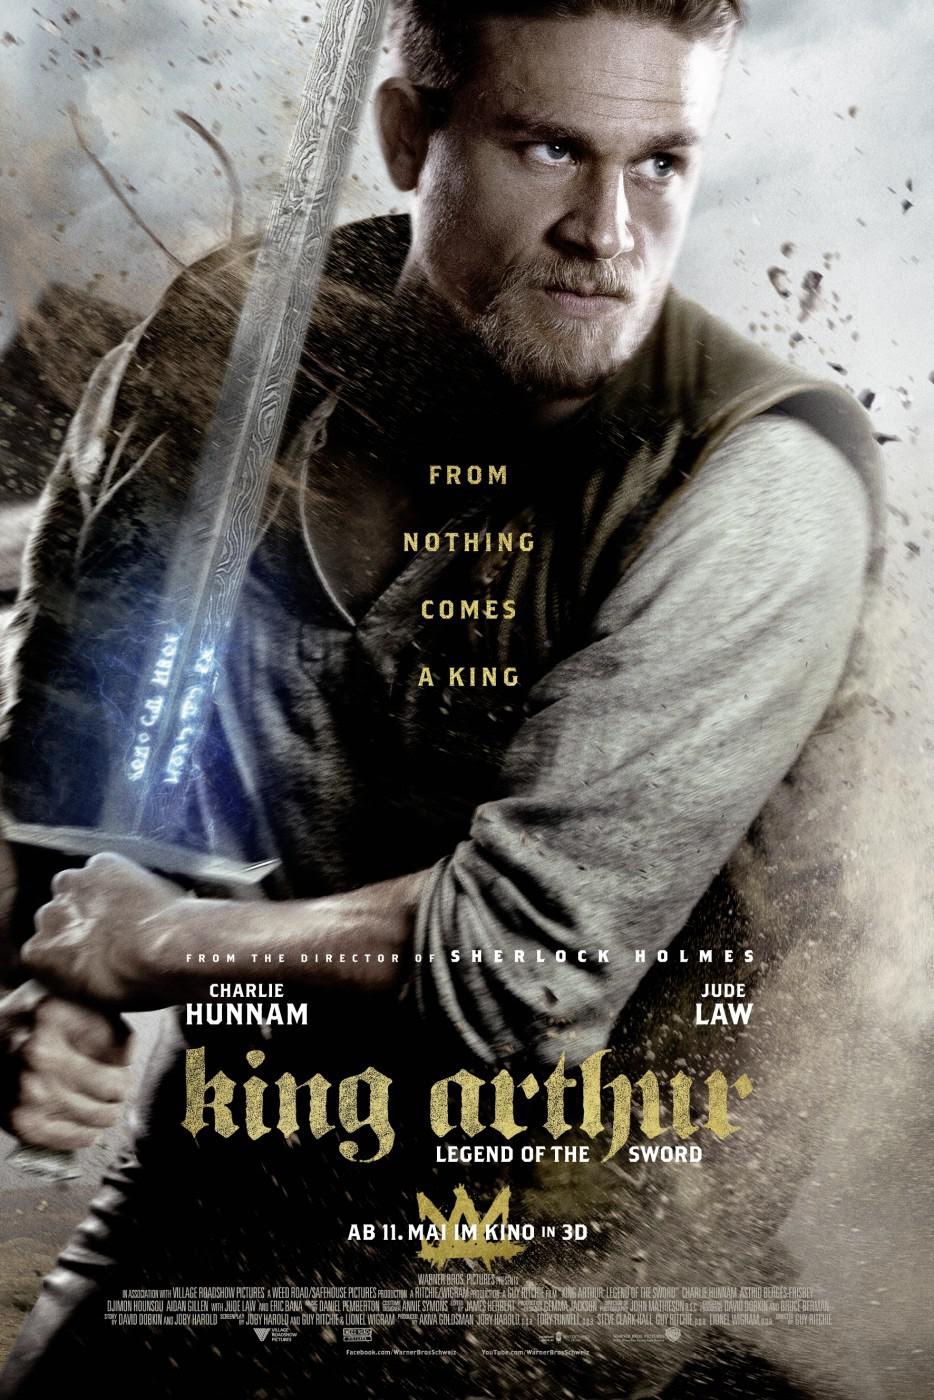 Resultado de imagem para movie poster king arthur legend of the sword